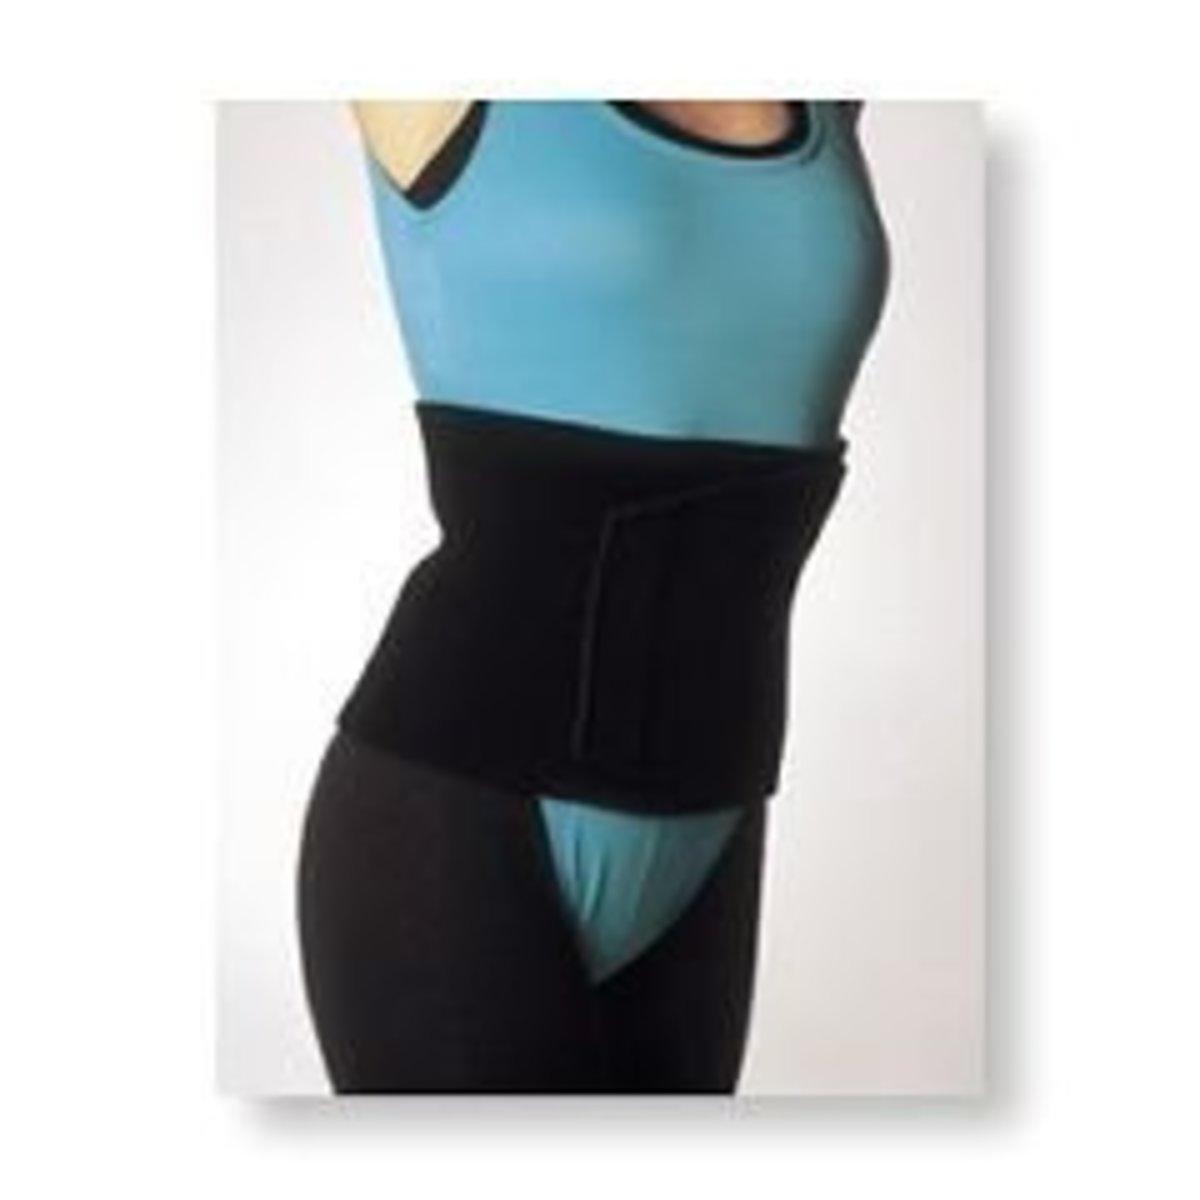 Do Waist Trimmer Belts Work for Fat Loss?